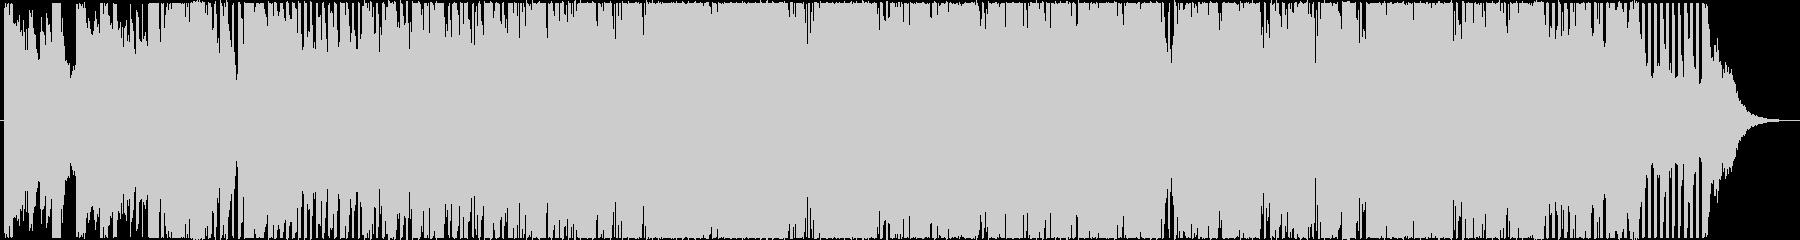 ギターバラード/かっこいい切ない物悲しいの未再生の波形